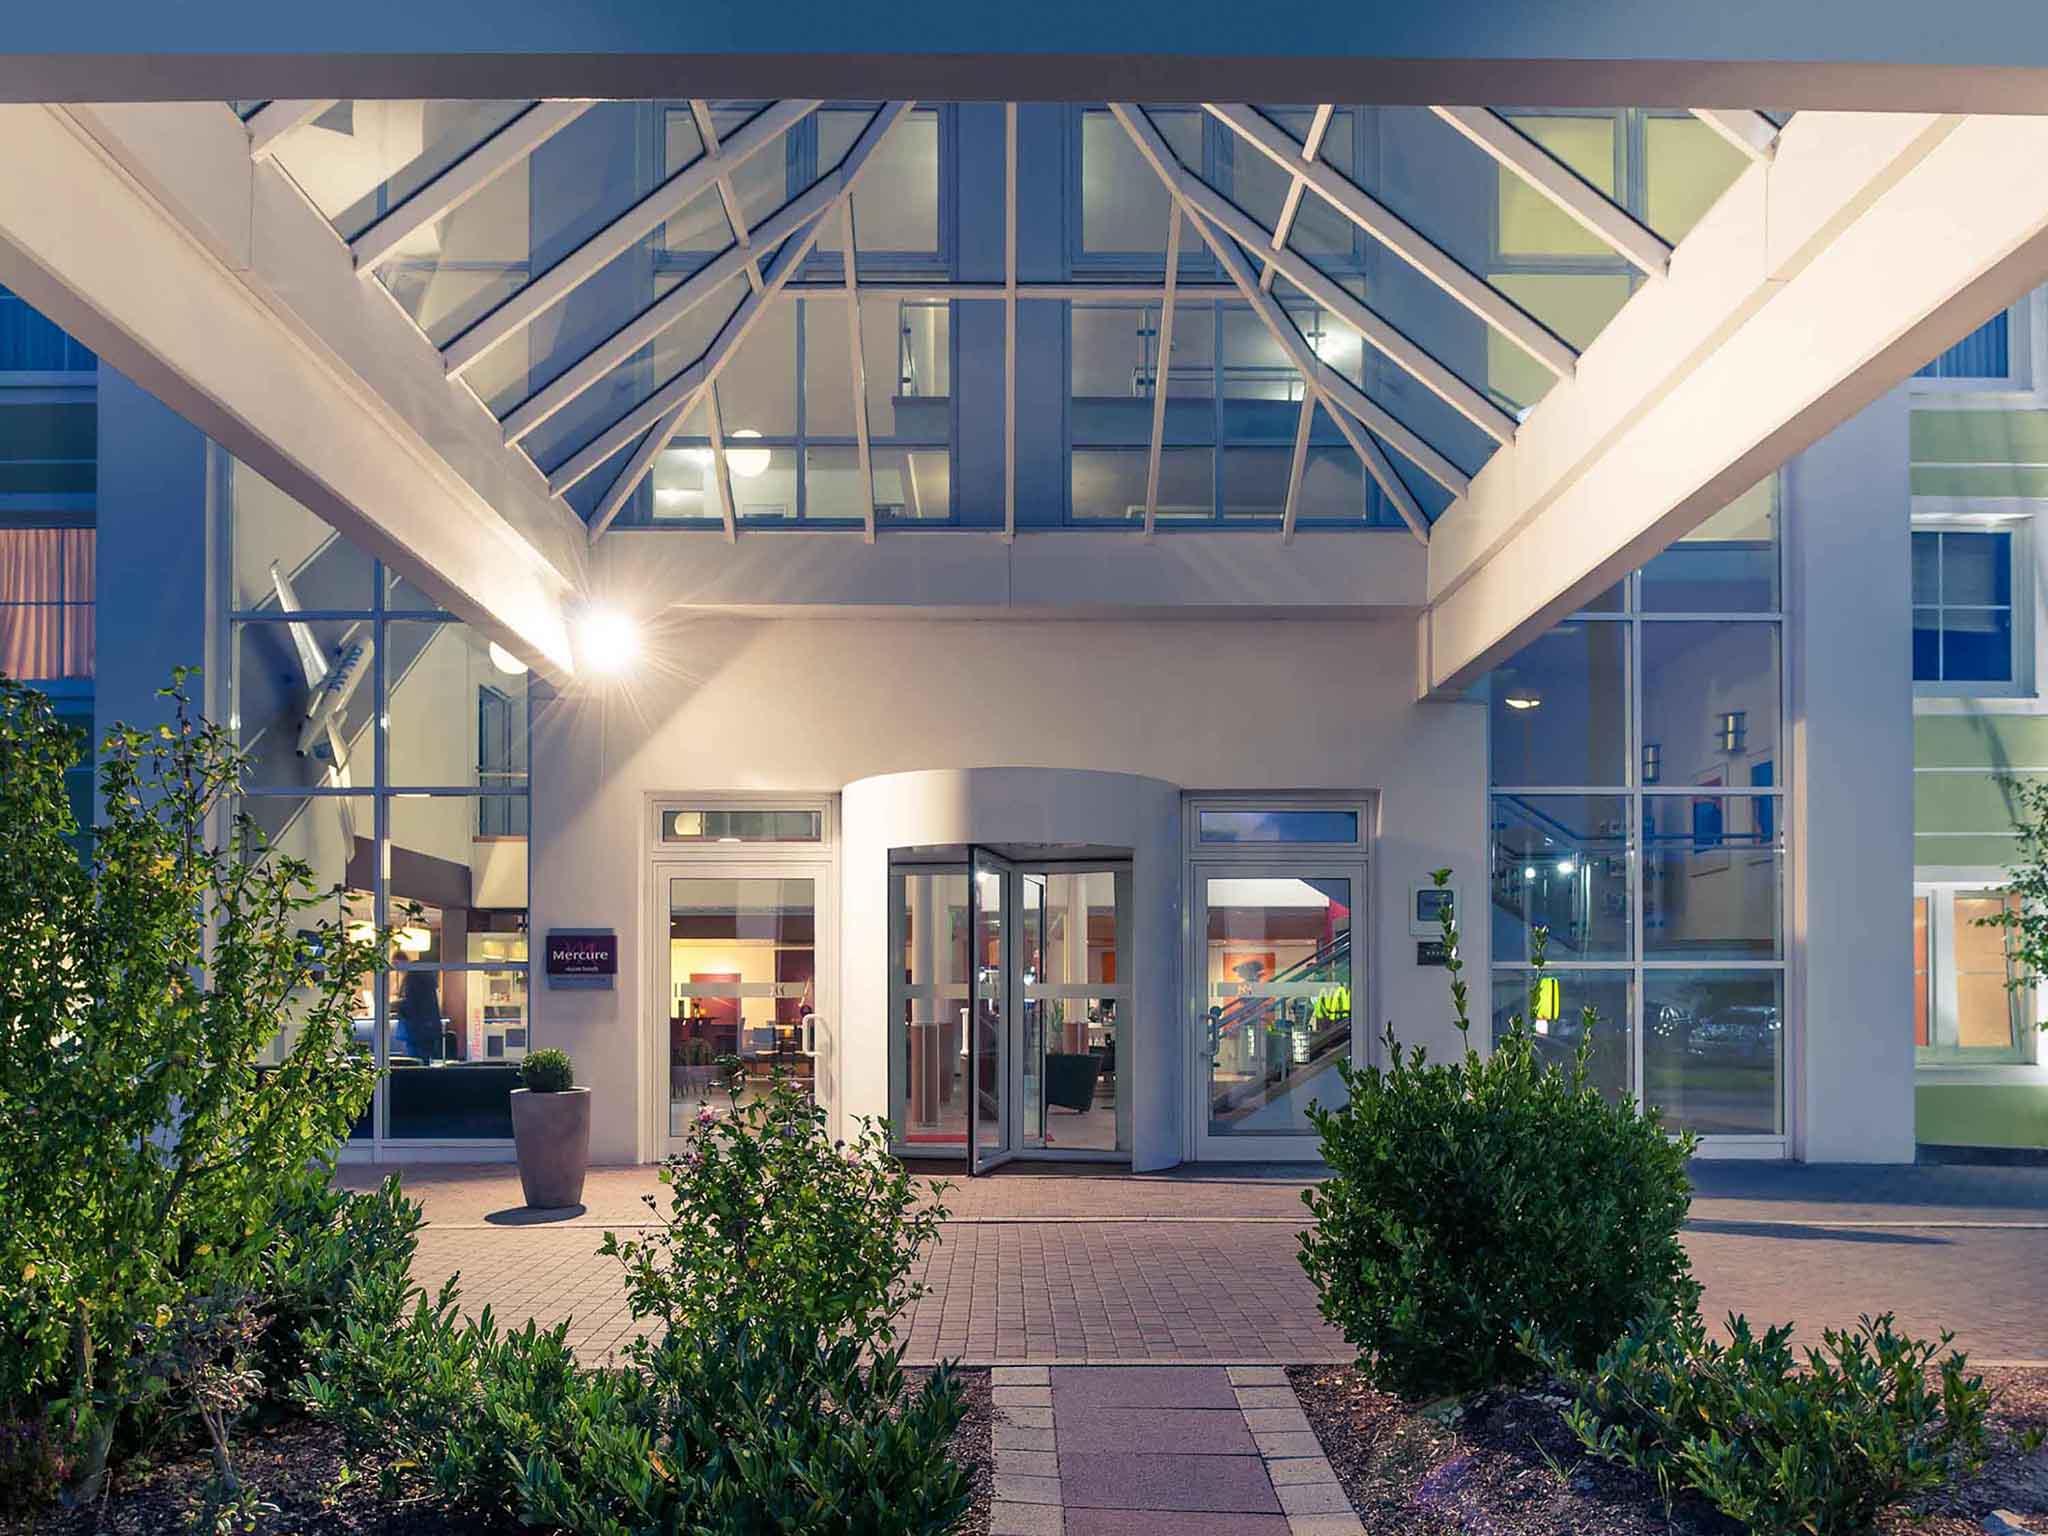 酒店 – 杜塞尔多夫拉廷根美居酒店